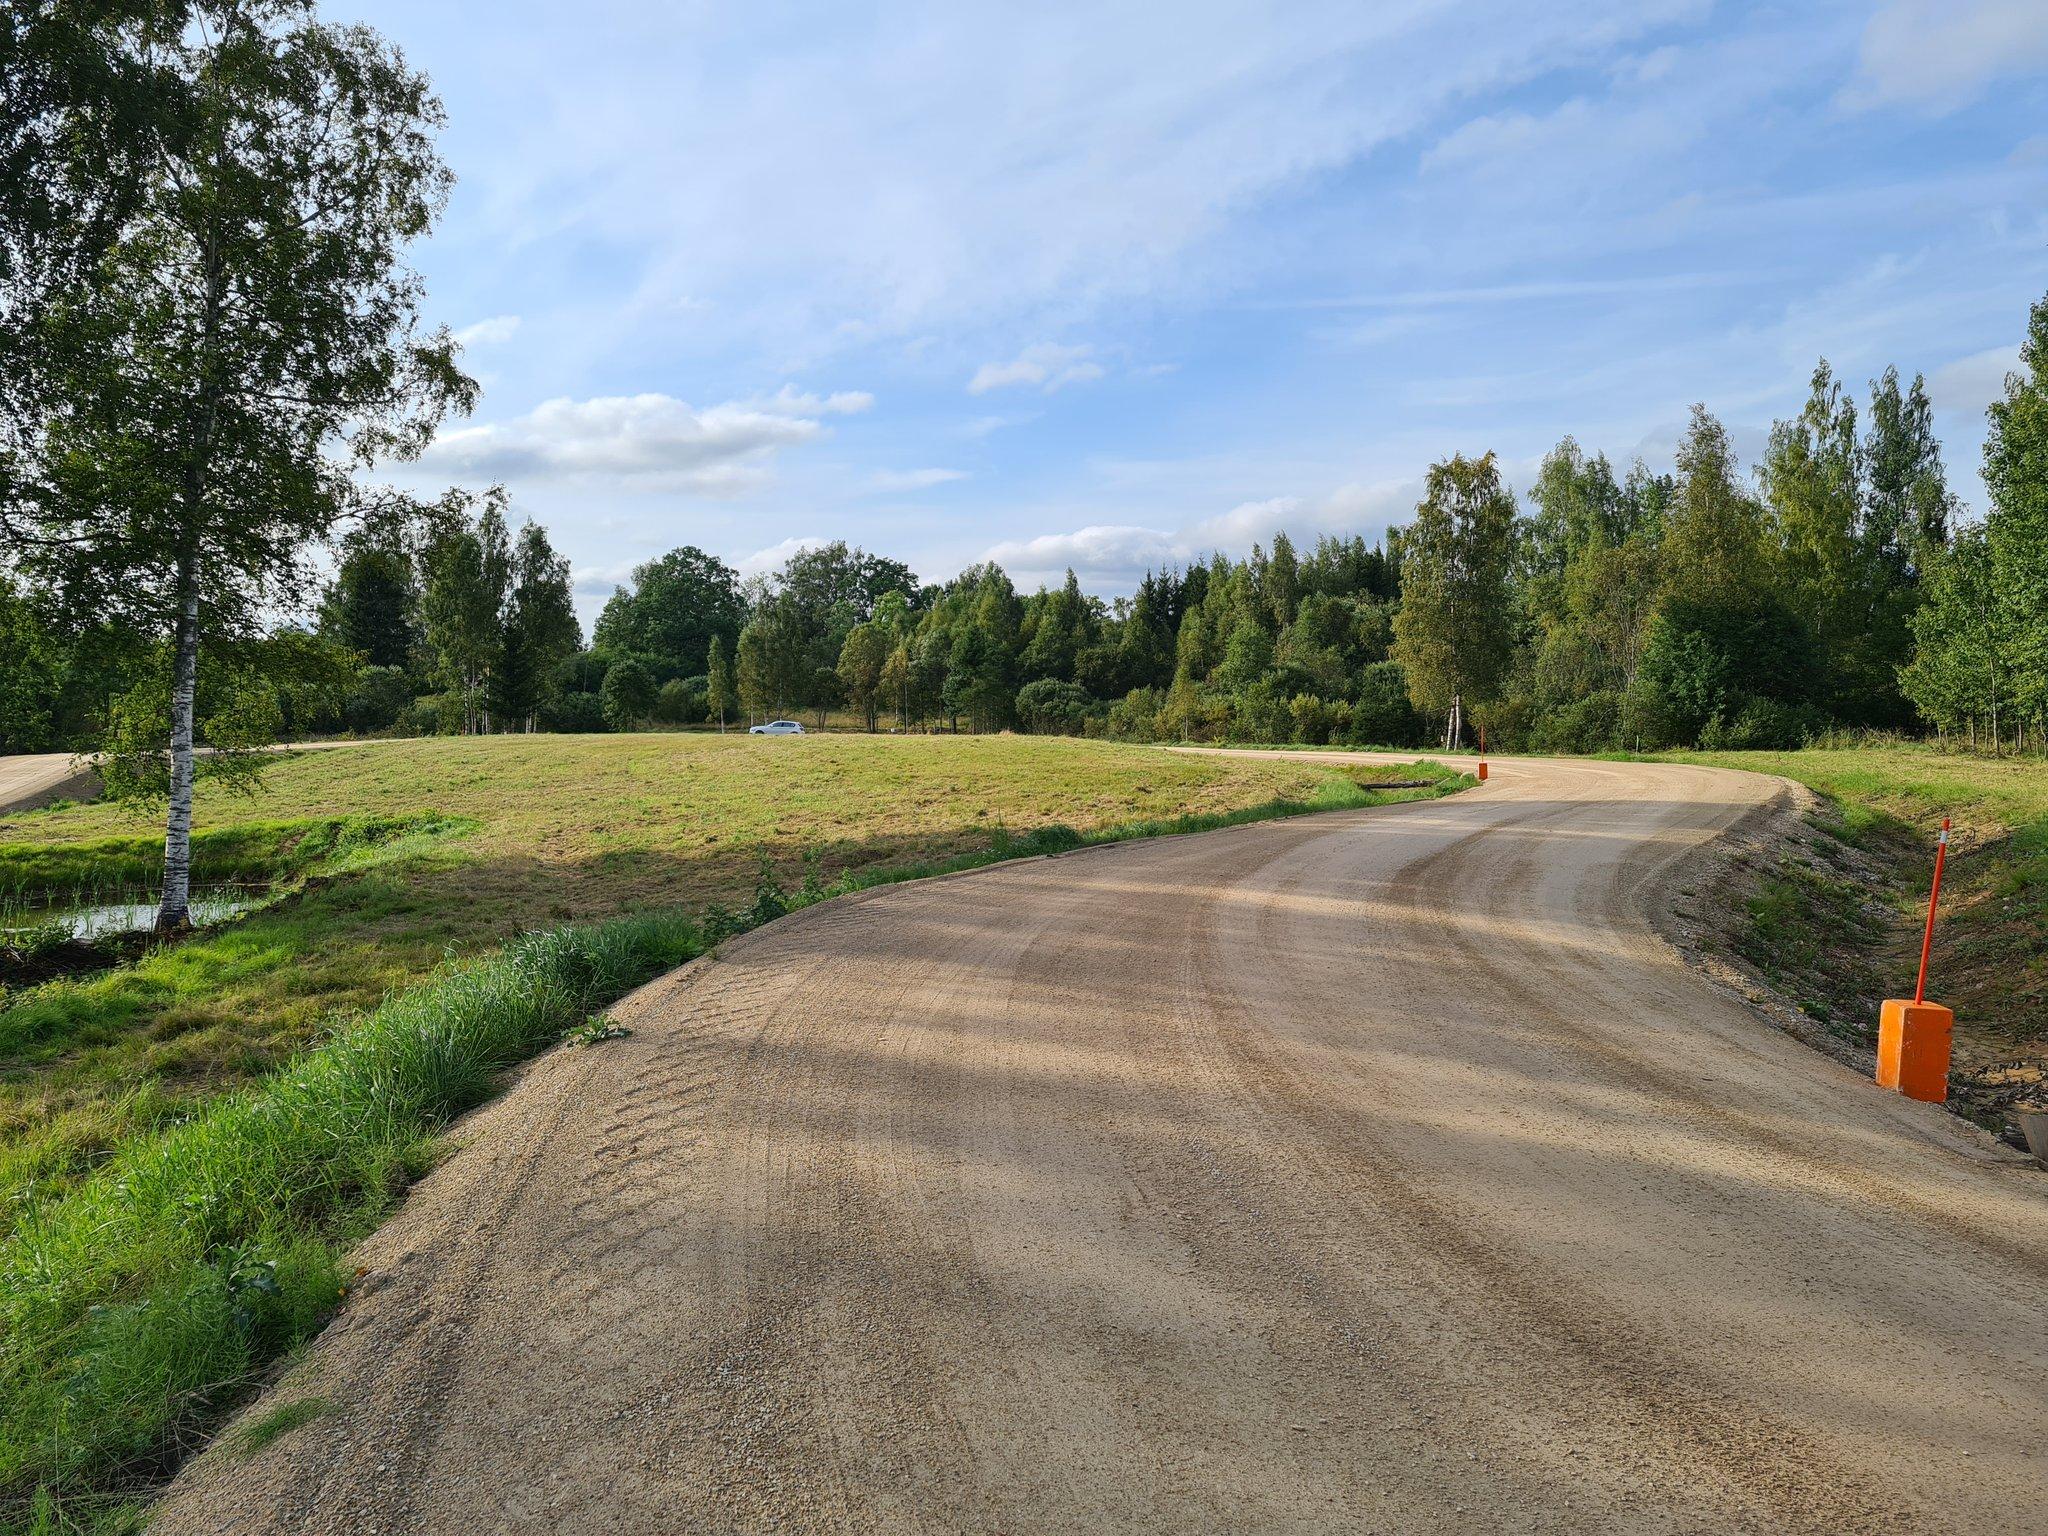 WRC: 10º Rallye Estonia [4-6 Septiembre] Eg6mW0bXcAYLXKj?format=jpg&name=large